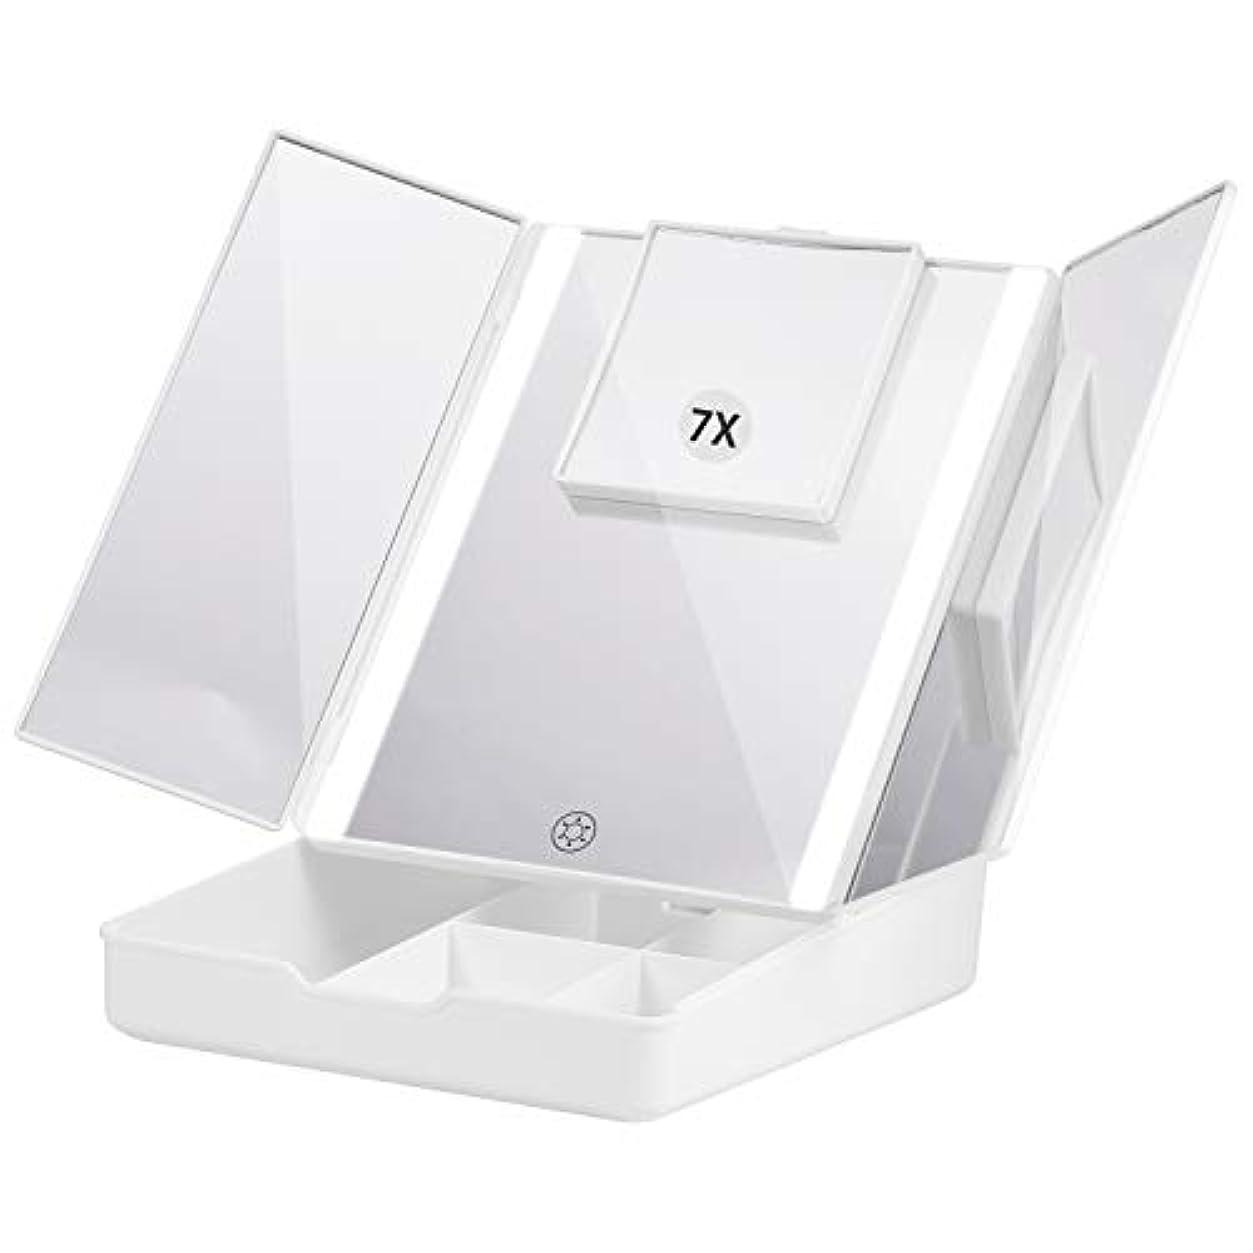 家庭黙絵Fascinate 折りたたみ式三面鏡 化粧鏡 7倍拡大鏡付き 24個LED スタンドミラー USB&電池式 角度調整可能 収納ケース付き